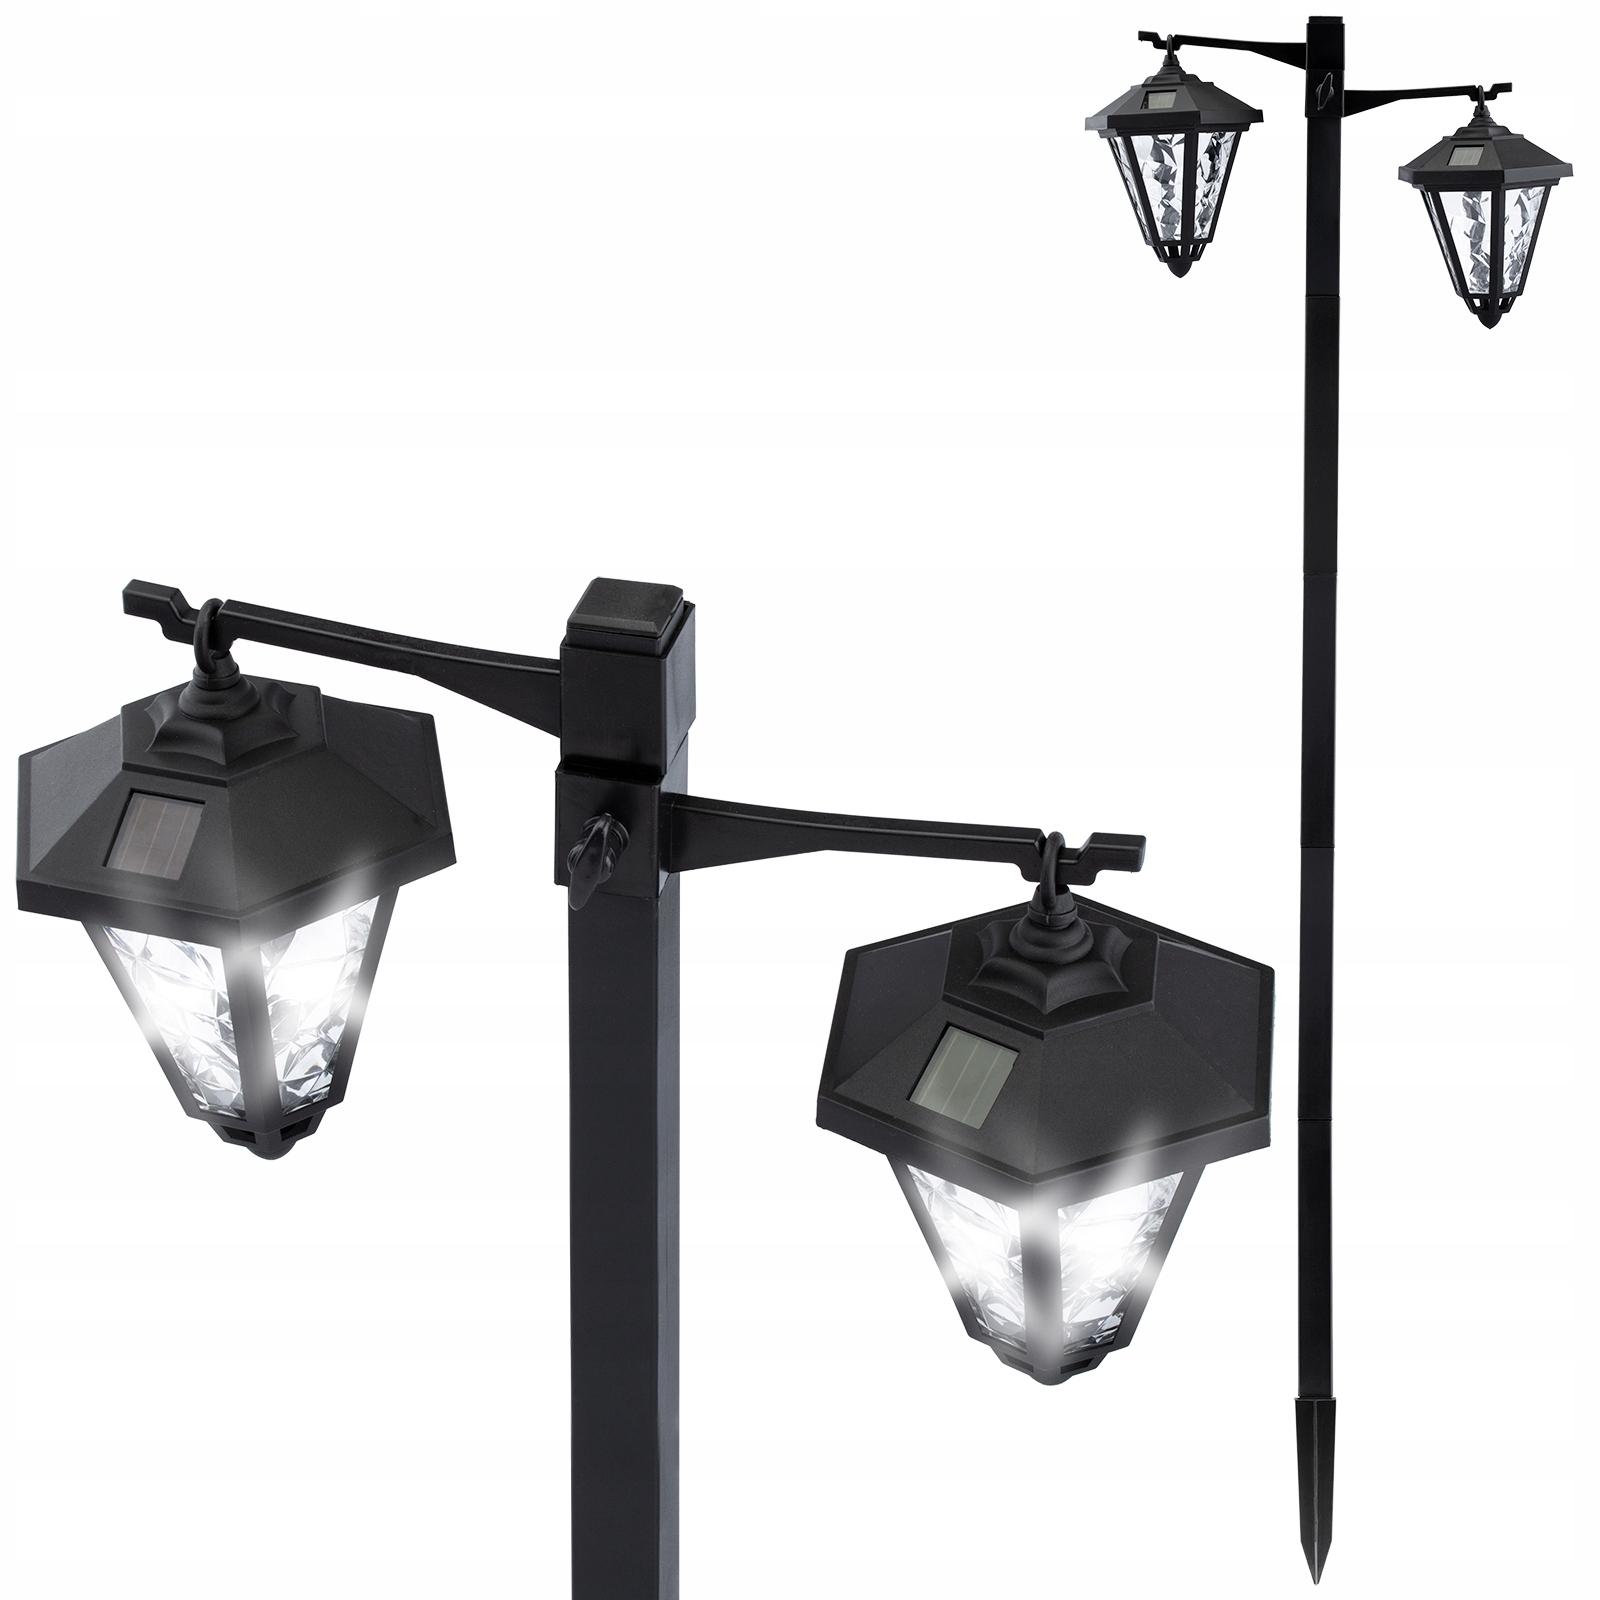 Lampa Ogrodowa LED Solarna Wbijana Latarnia EVERA